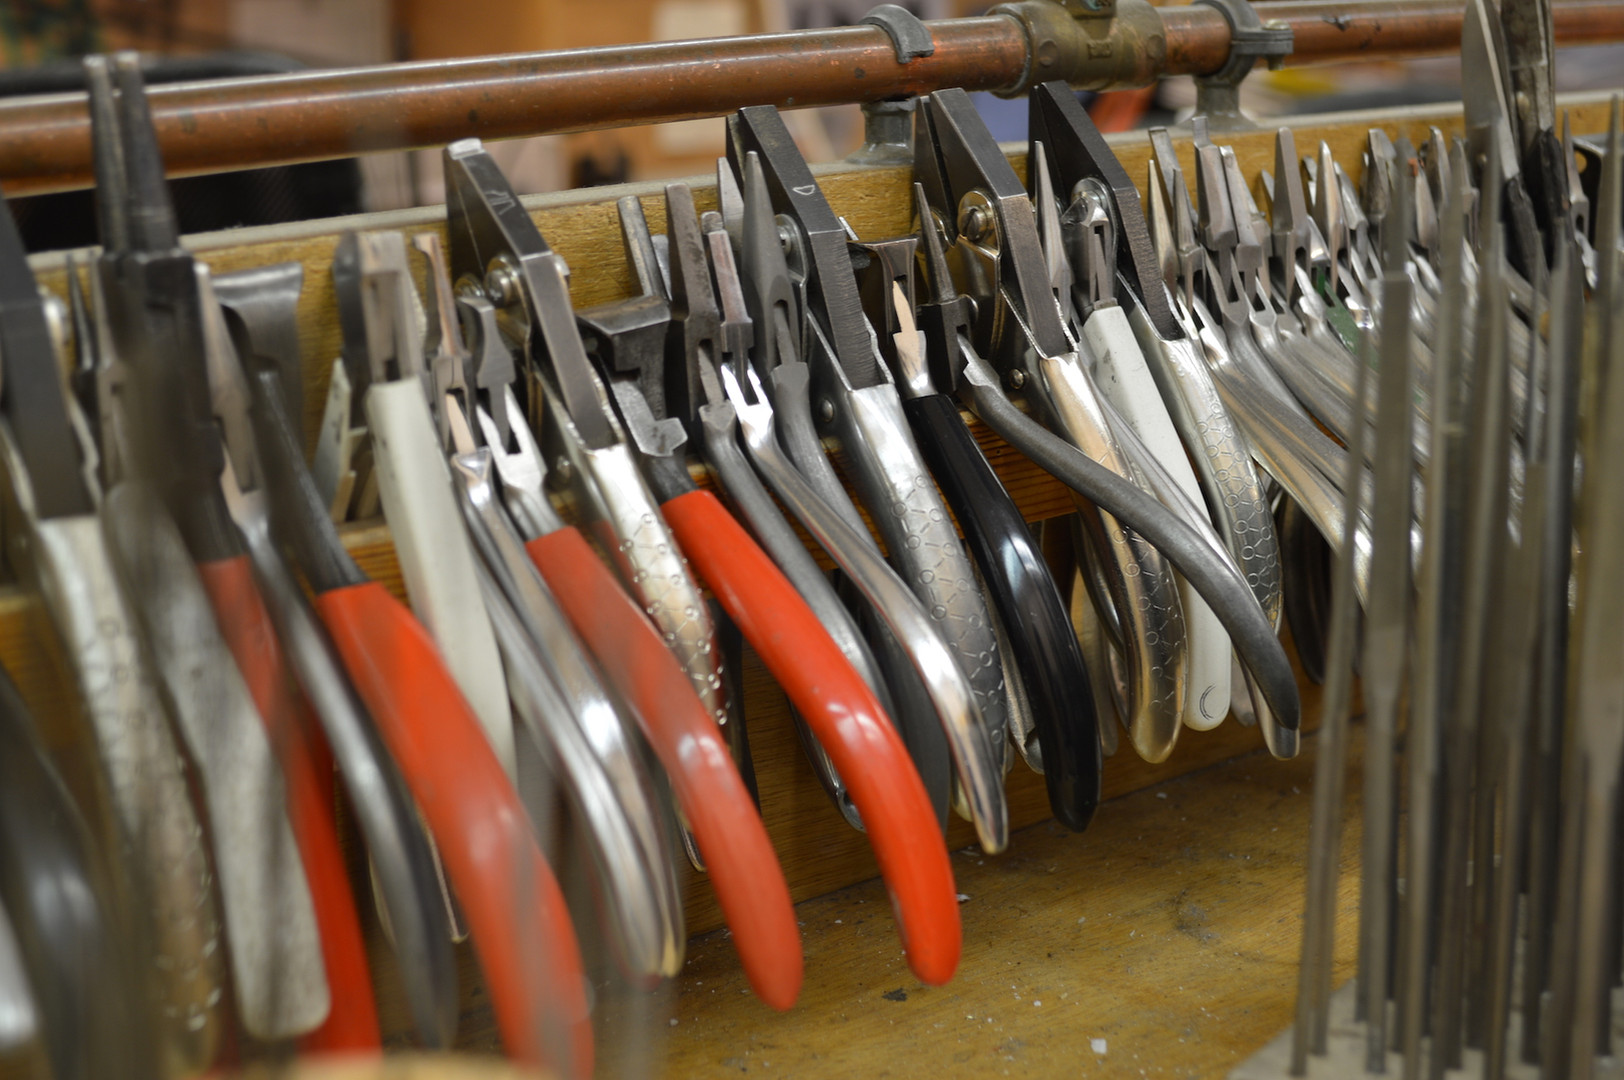 Unieke sieraden, hangemaakt, de Pioen Bergen, Noord-Holland